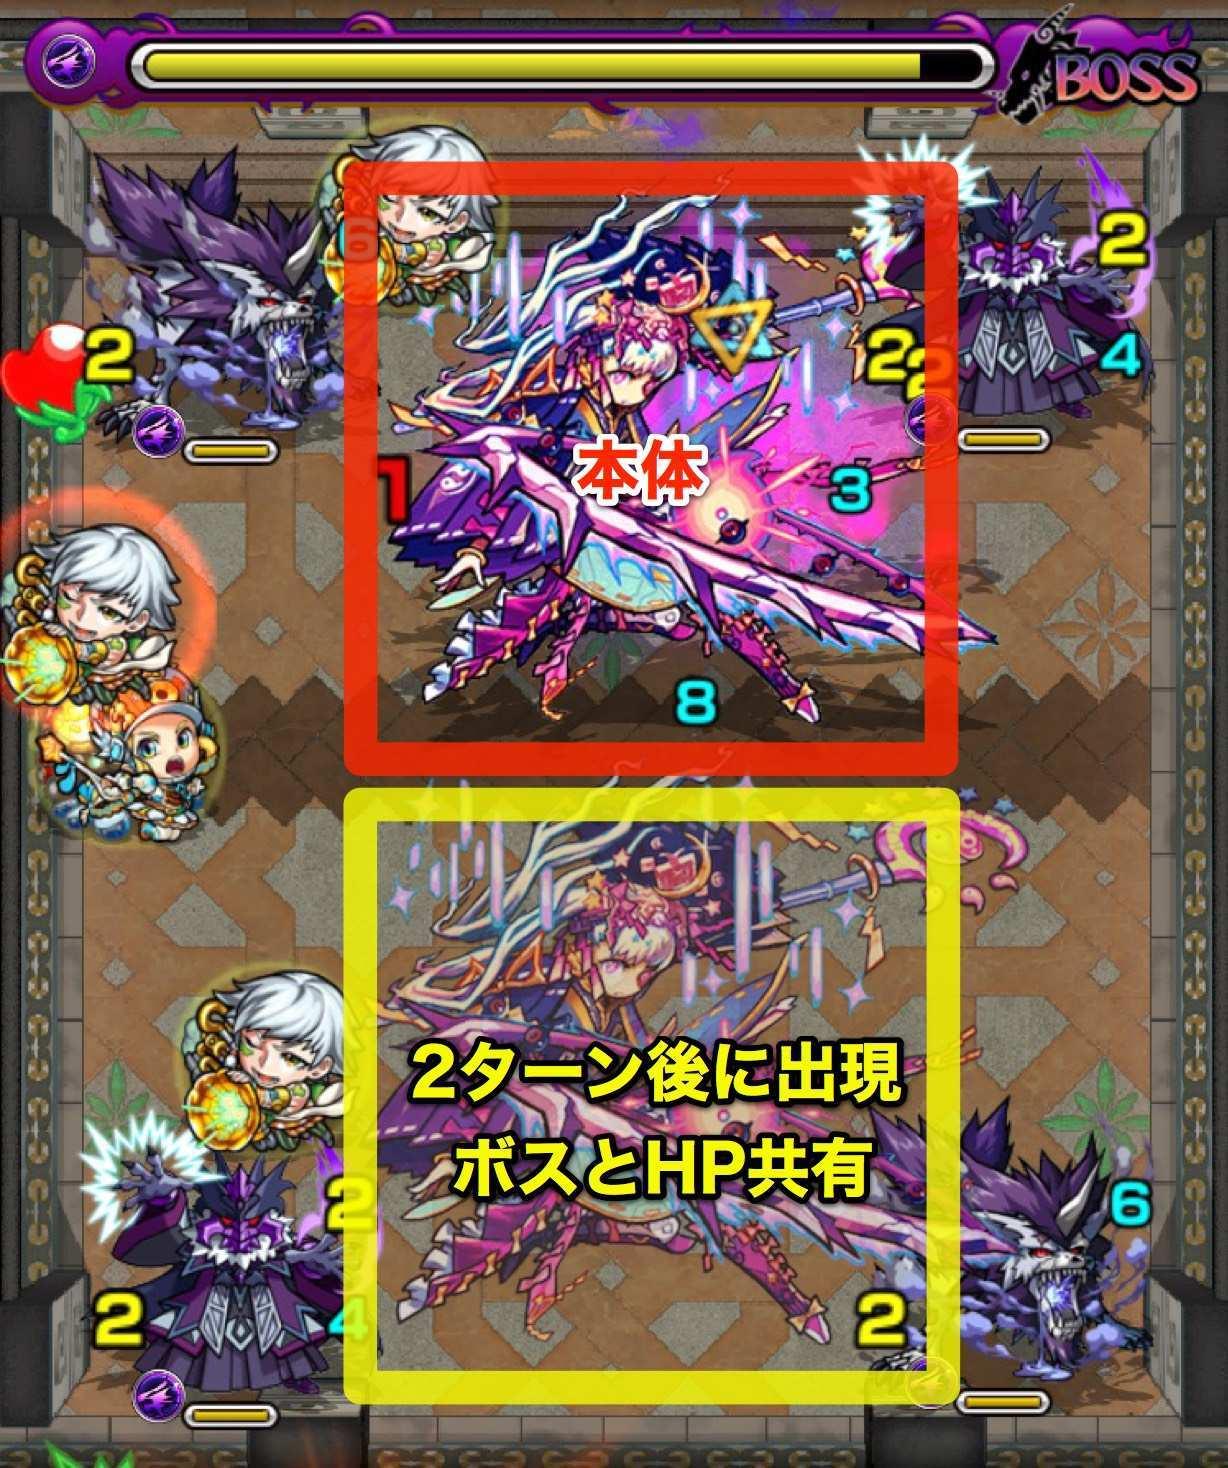 覇者の塔29階ステージ4